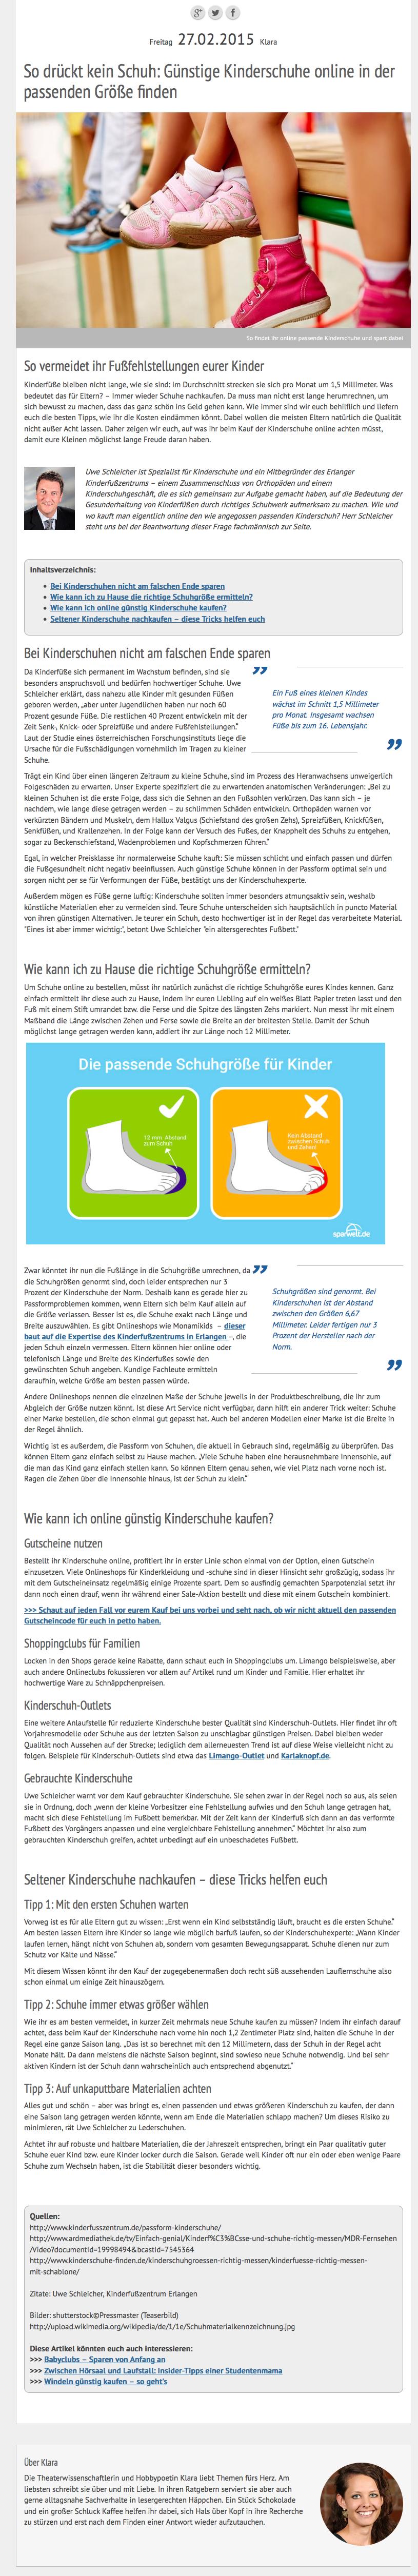 SW-Artikel_Kinderschuhe passend & günstig online kaufen 2015-10-19 09-51-12